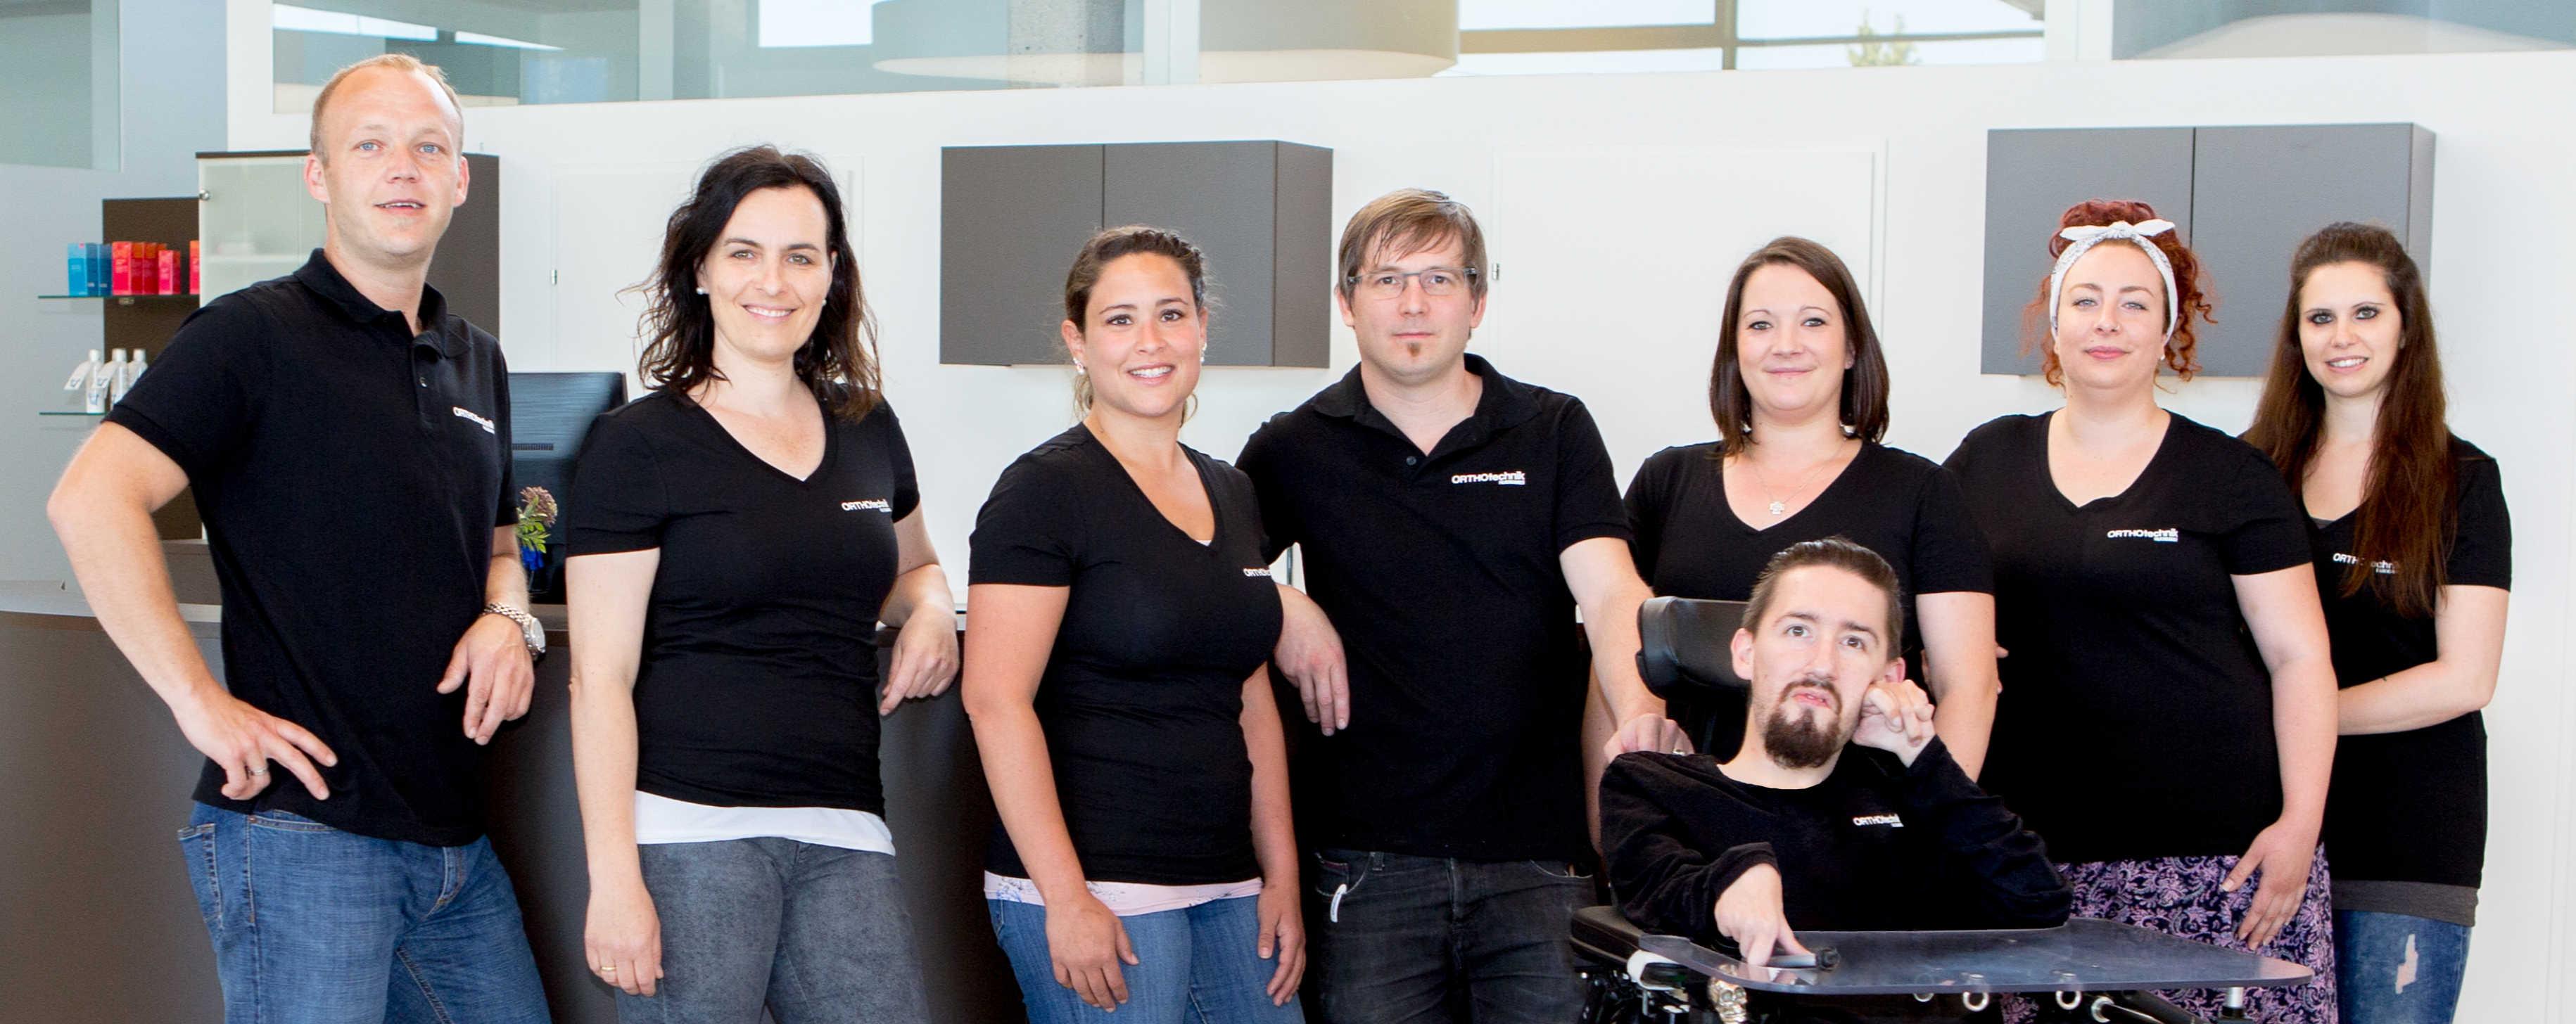 ORTHOtechnik_Team